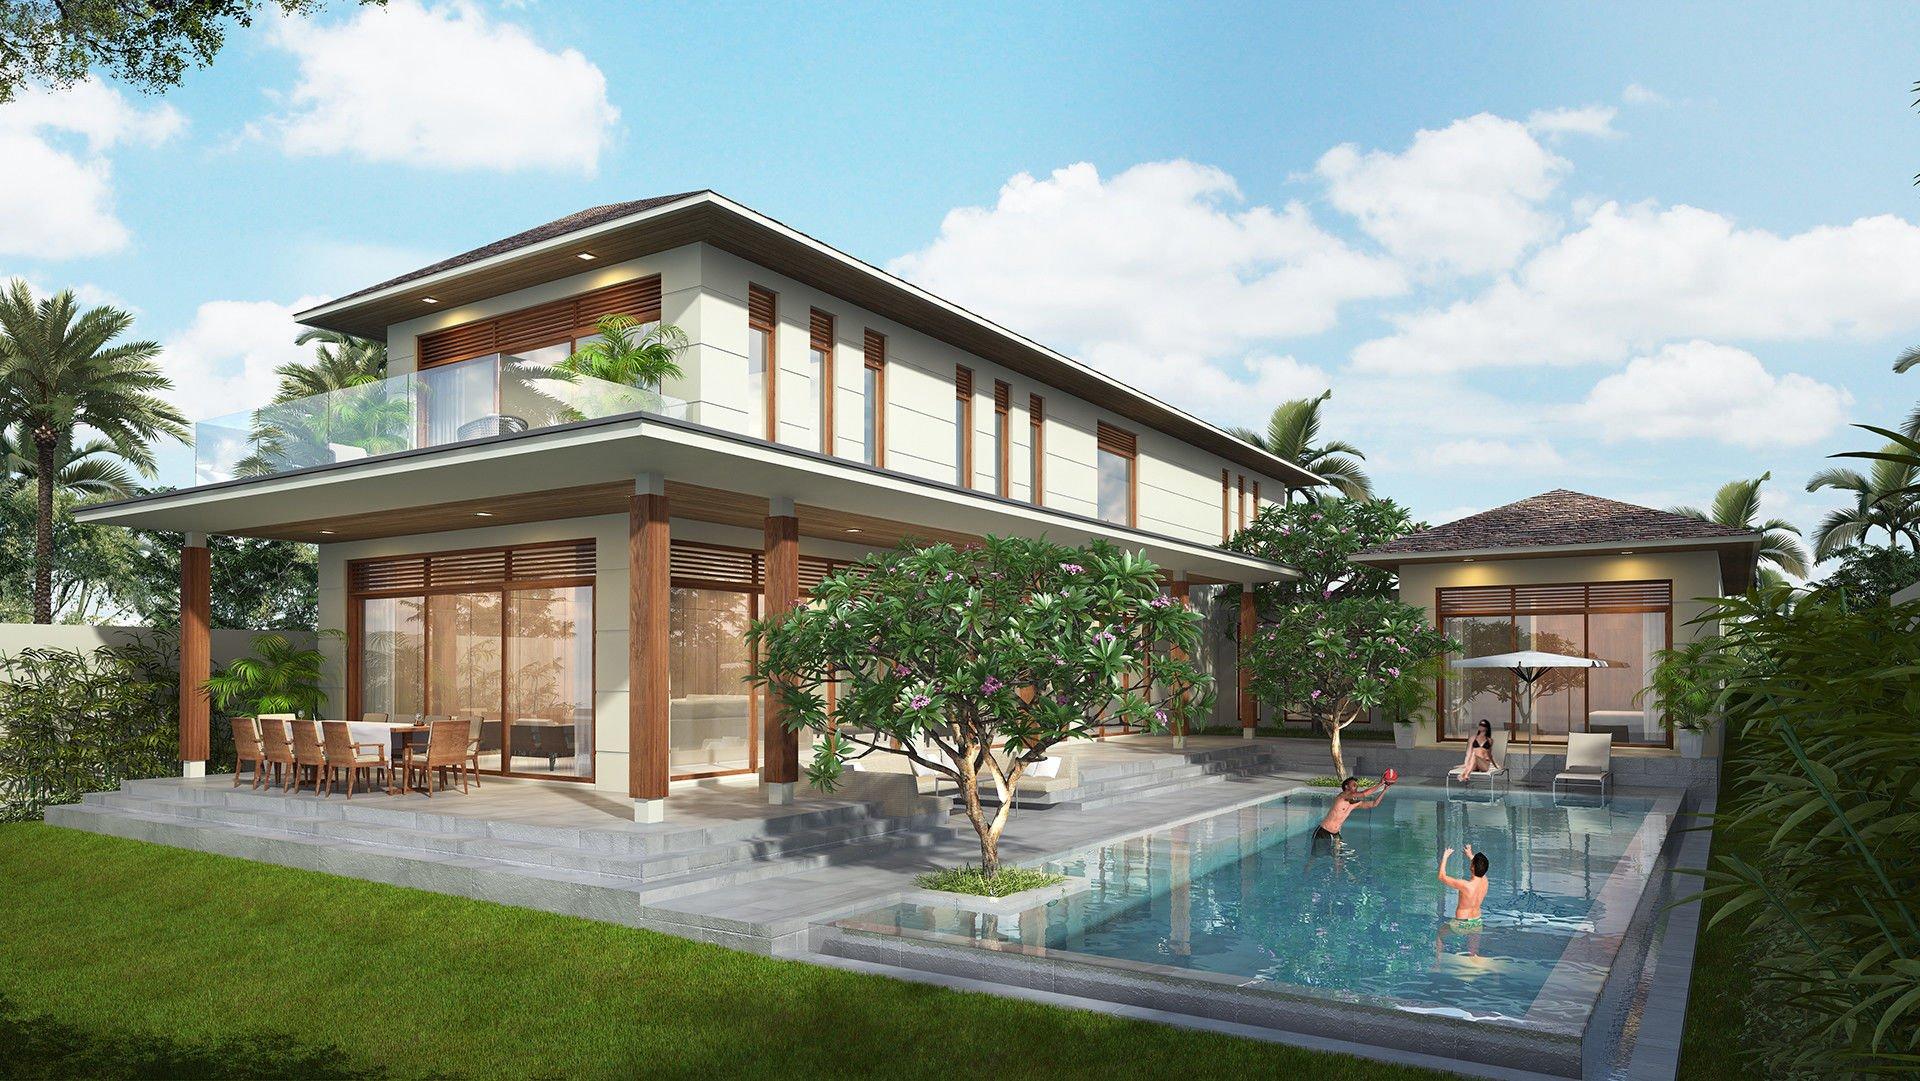 mẫu thiết kế biệt thự nhà vườn đẹp